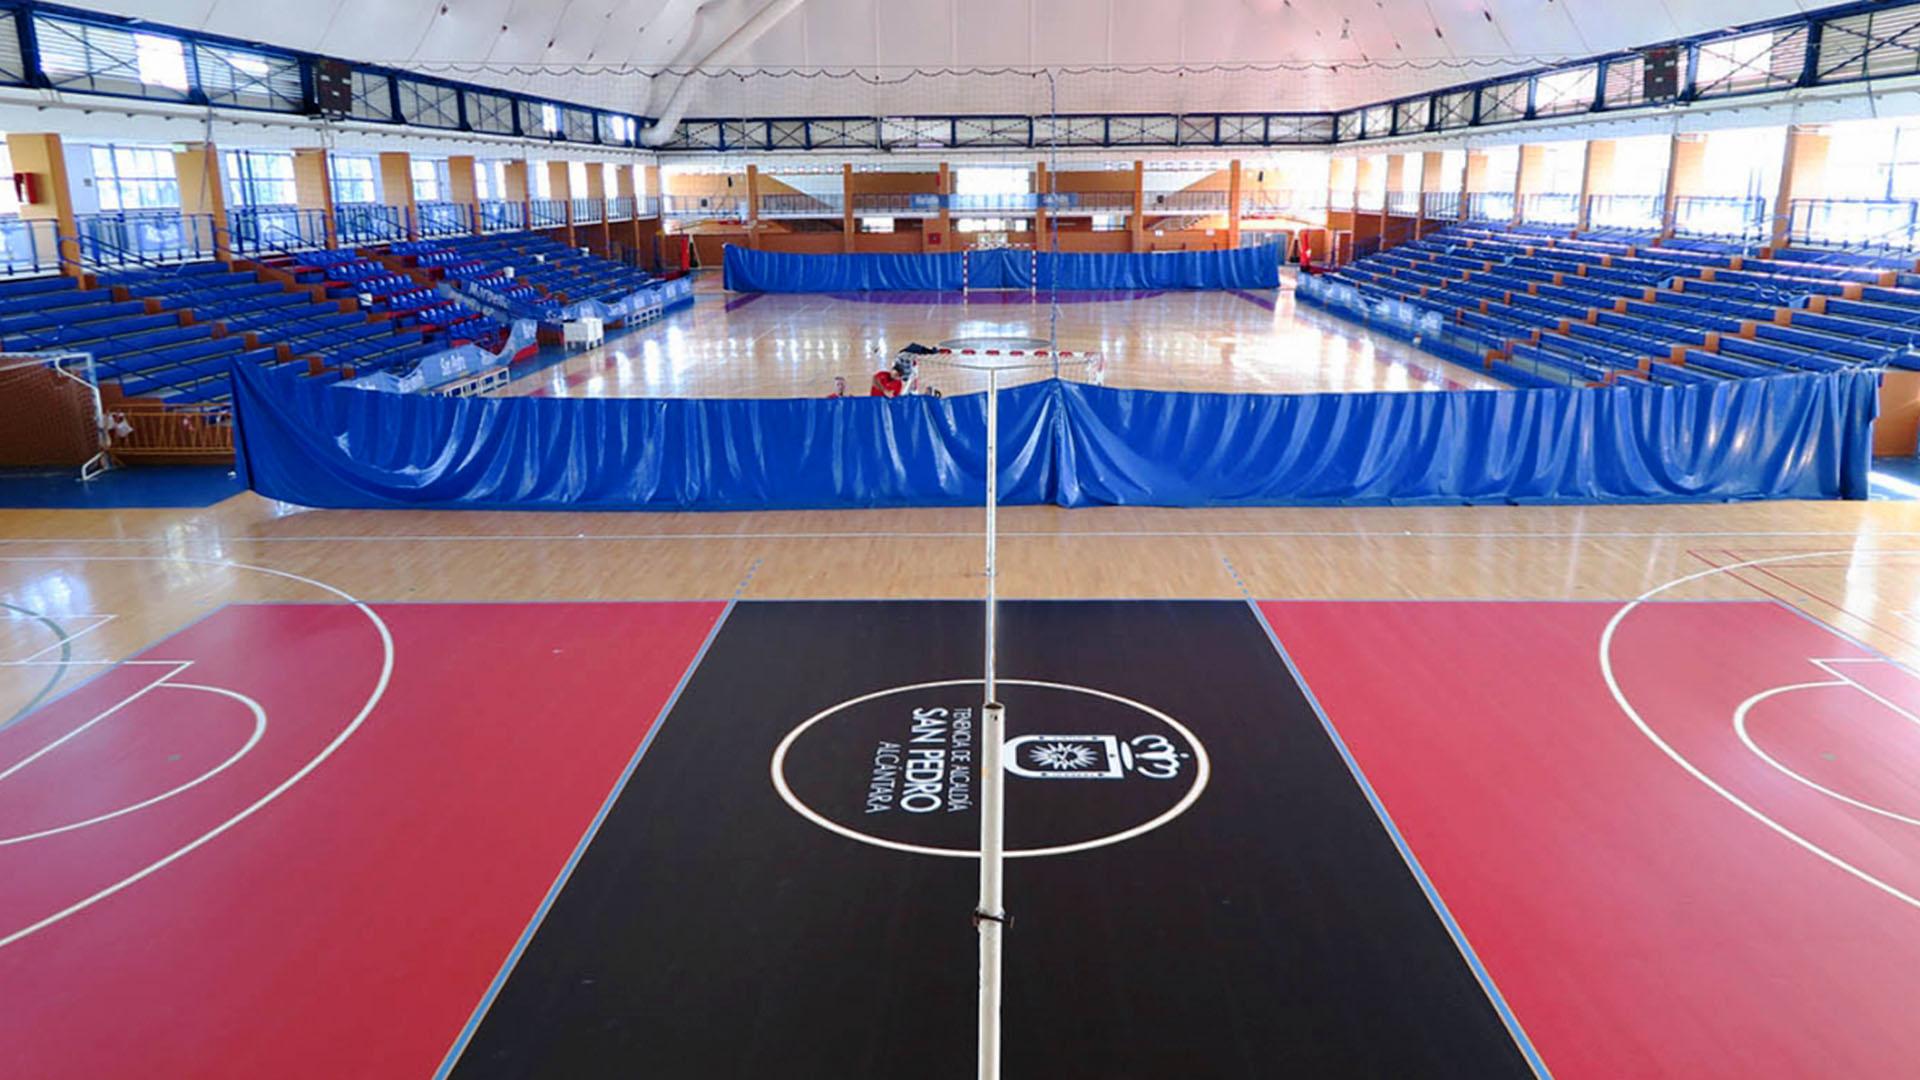 Deportes abrirá el lunes la convocatoria para solicitar el uso de instalaciones deportivas municipales